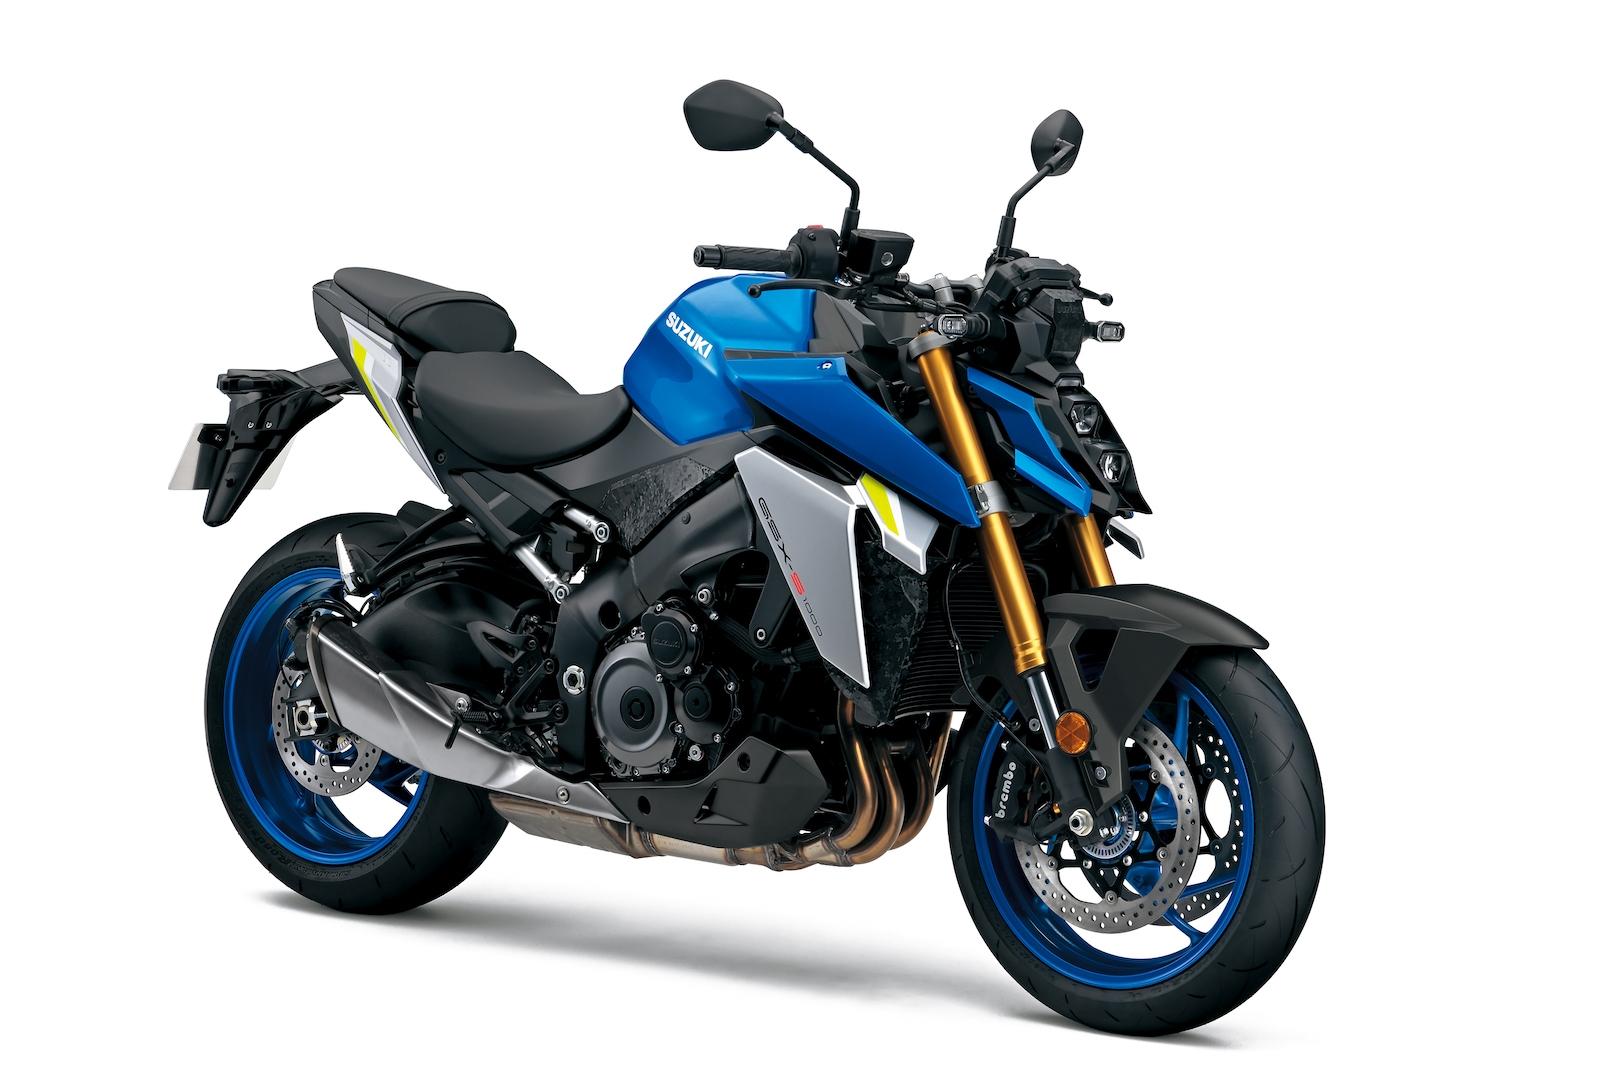 スズキ 新型GSX-S1000を発表、6月より世界各国で順次販売を開始